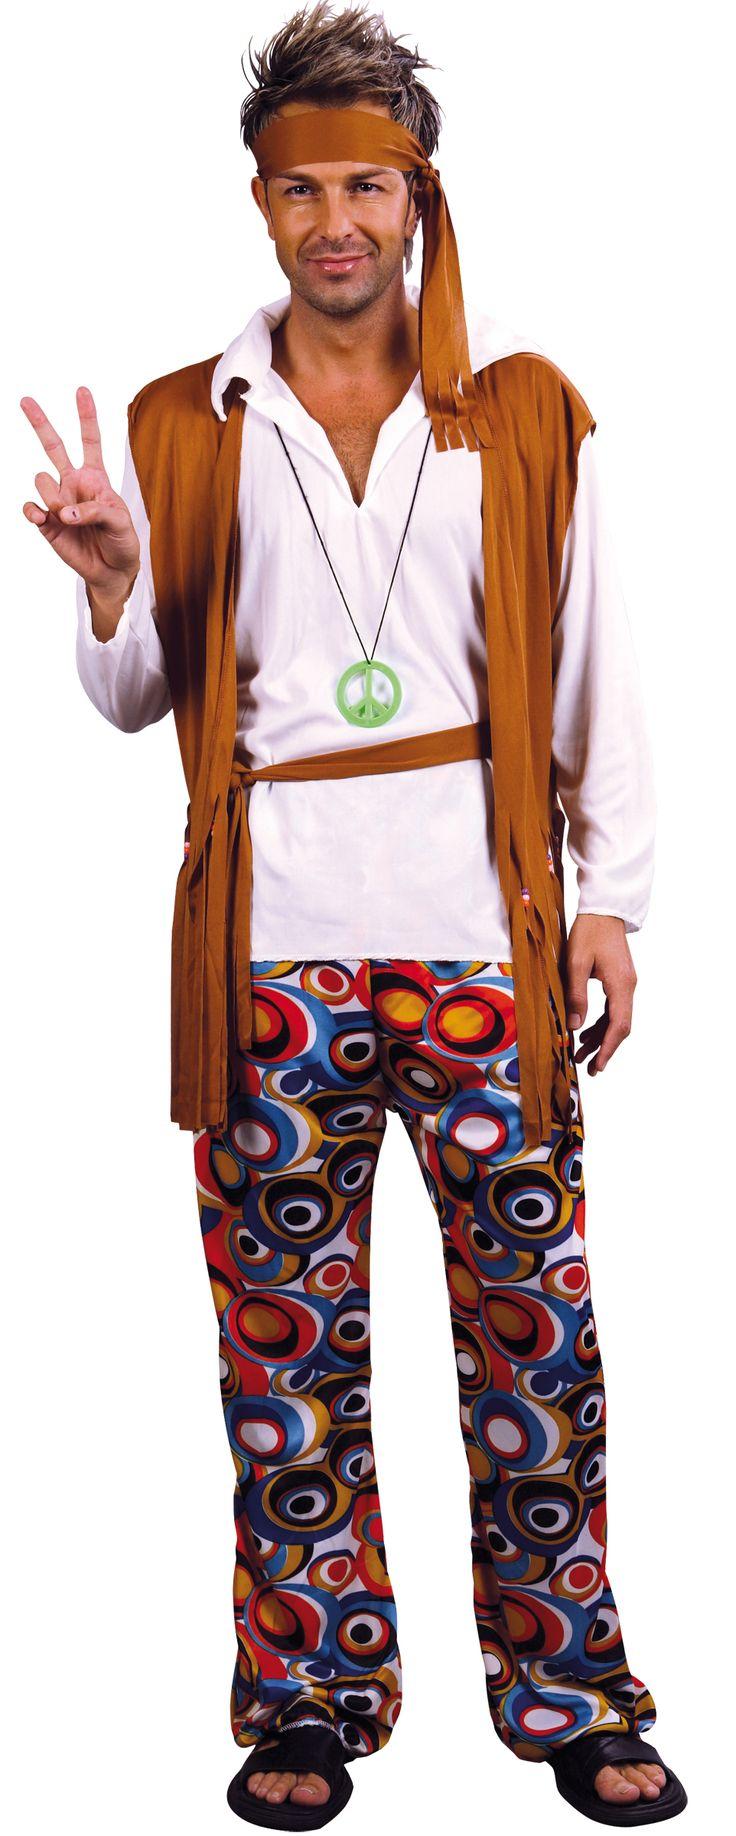 Déguisetoi.fr vous propose une gamme large de costumes et accessoires de hippie à petits prix pour rester cool en toutes circonstances !